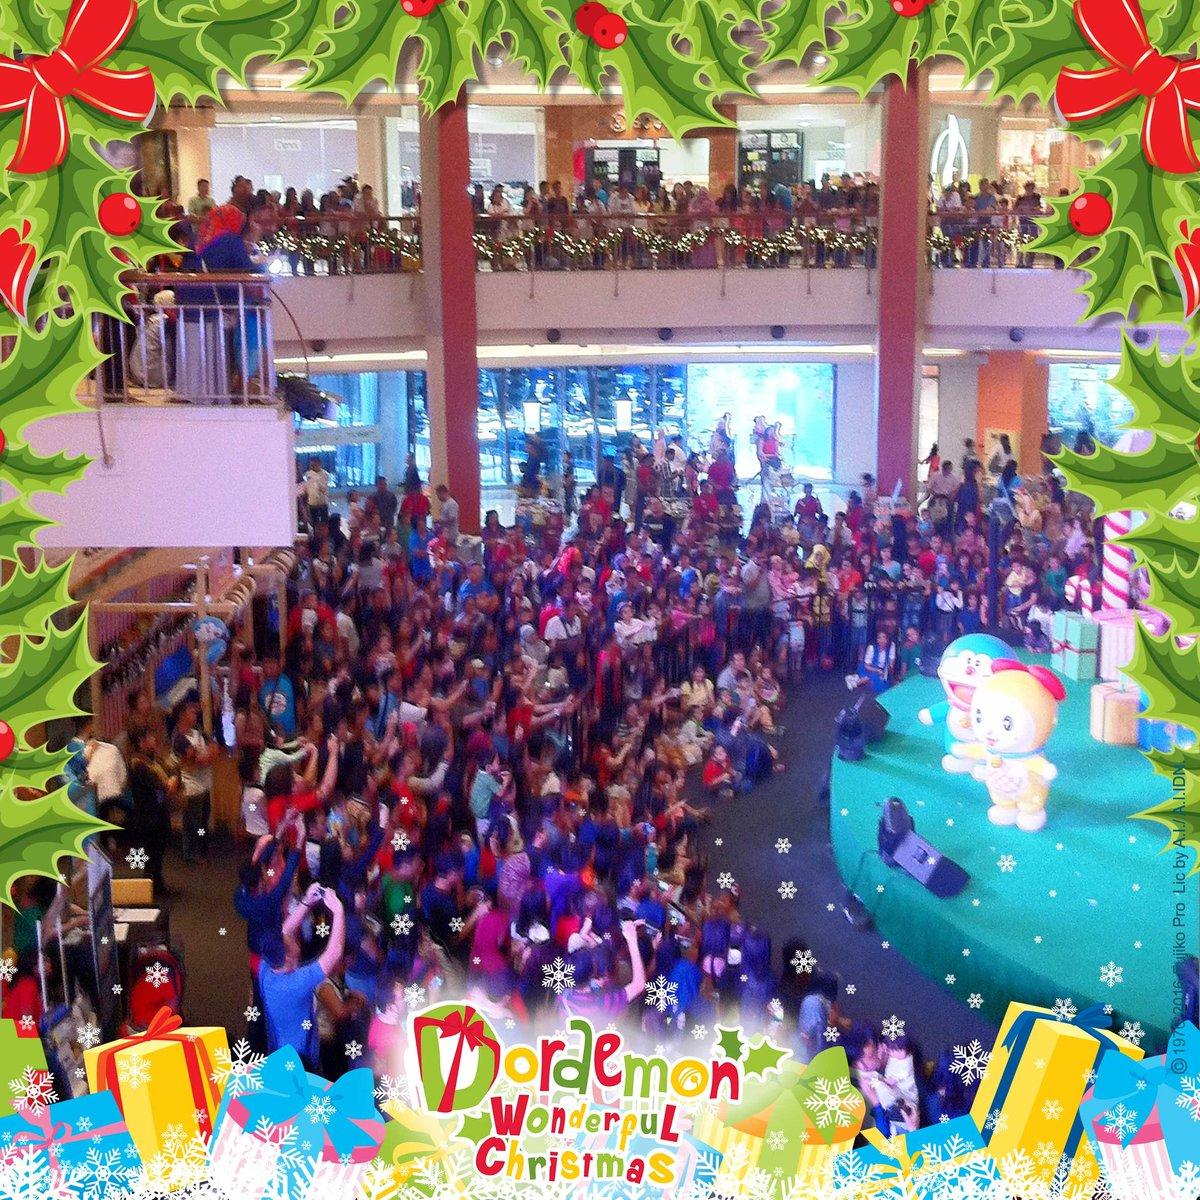 Ayo bertemu dengan Doraemon & Teman-Teman pada hari Sabtu dan Minggu pukul 4 PM & 7 PM di The Forum MKG 3!  #DoraemonIndonesia https://t.co/L7hZbuA87d